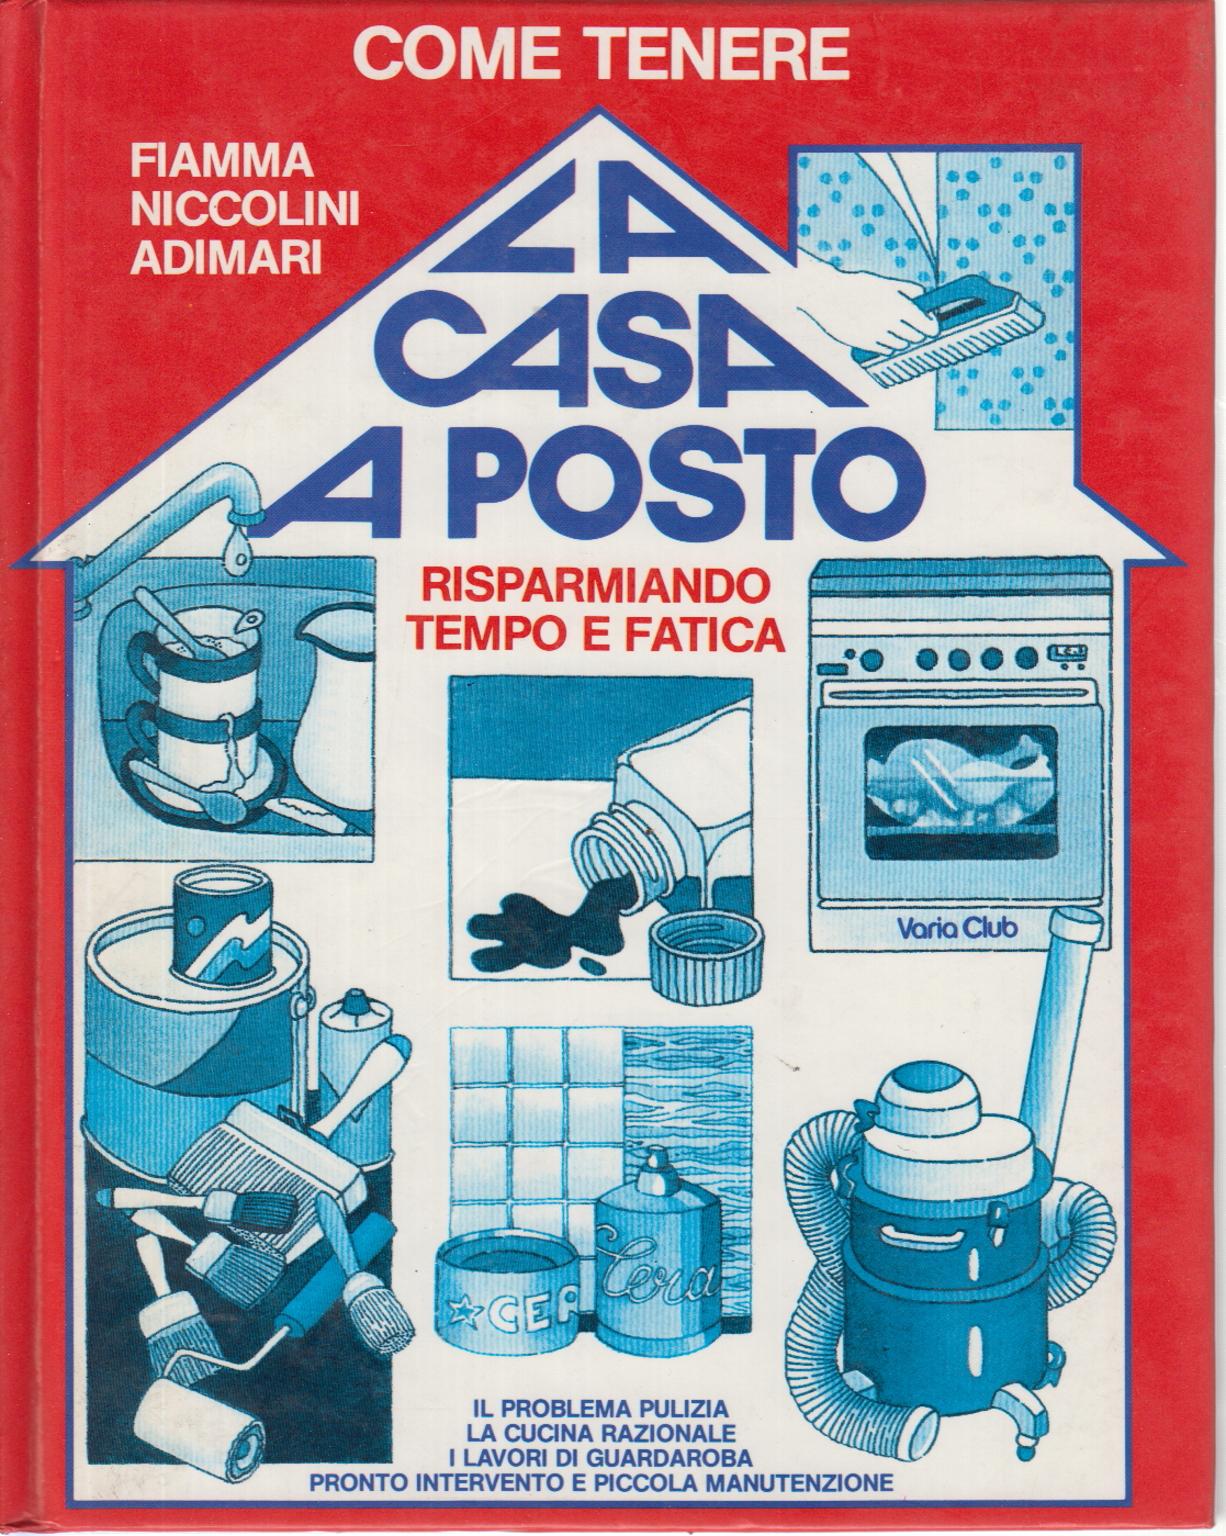 Come tenere la casa a posto risparmiando tempo e fatica fiamma niccolini adimari - Come tenere pulita la casa ...